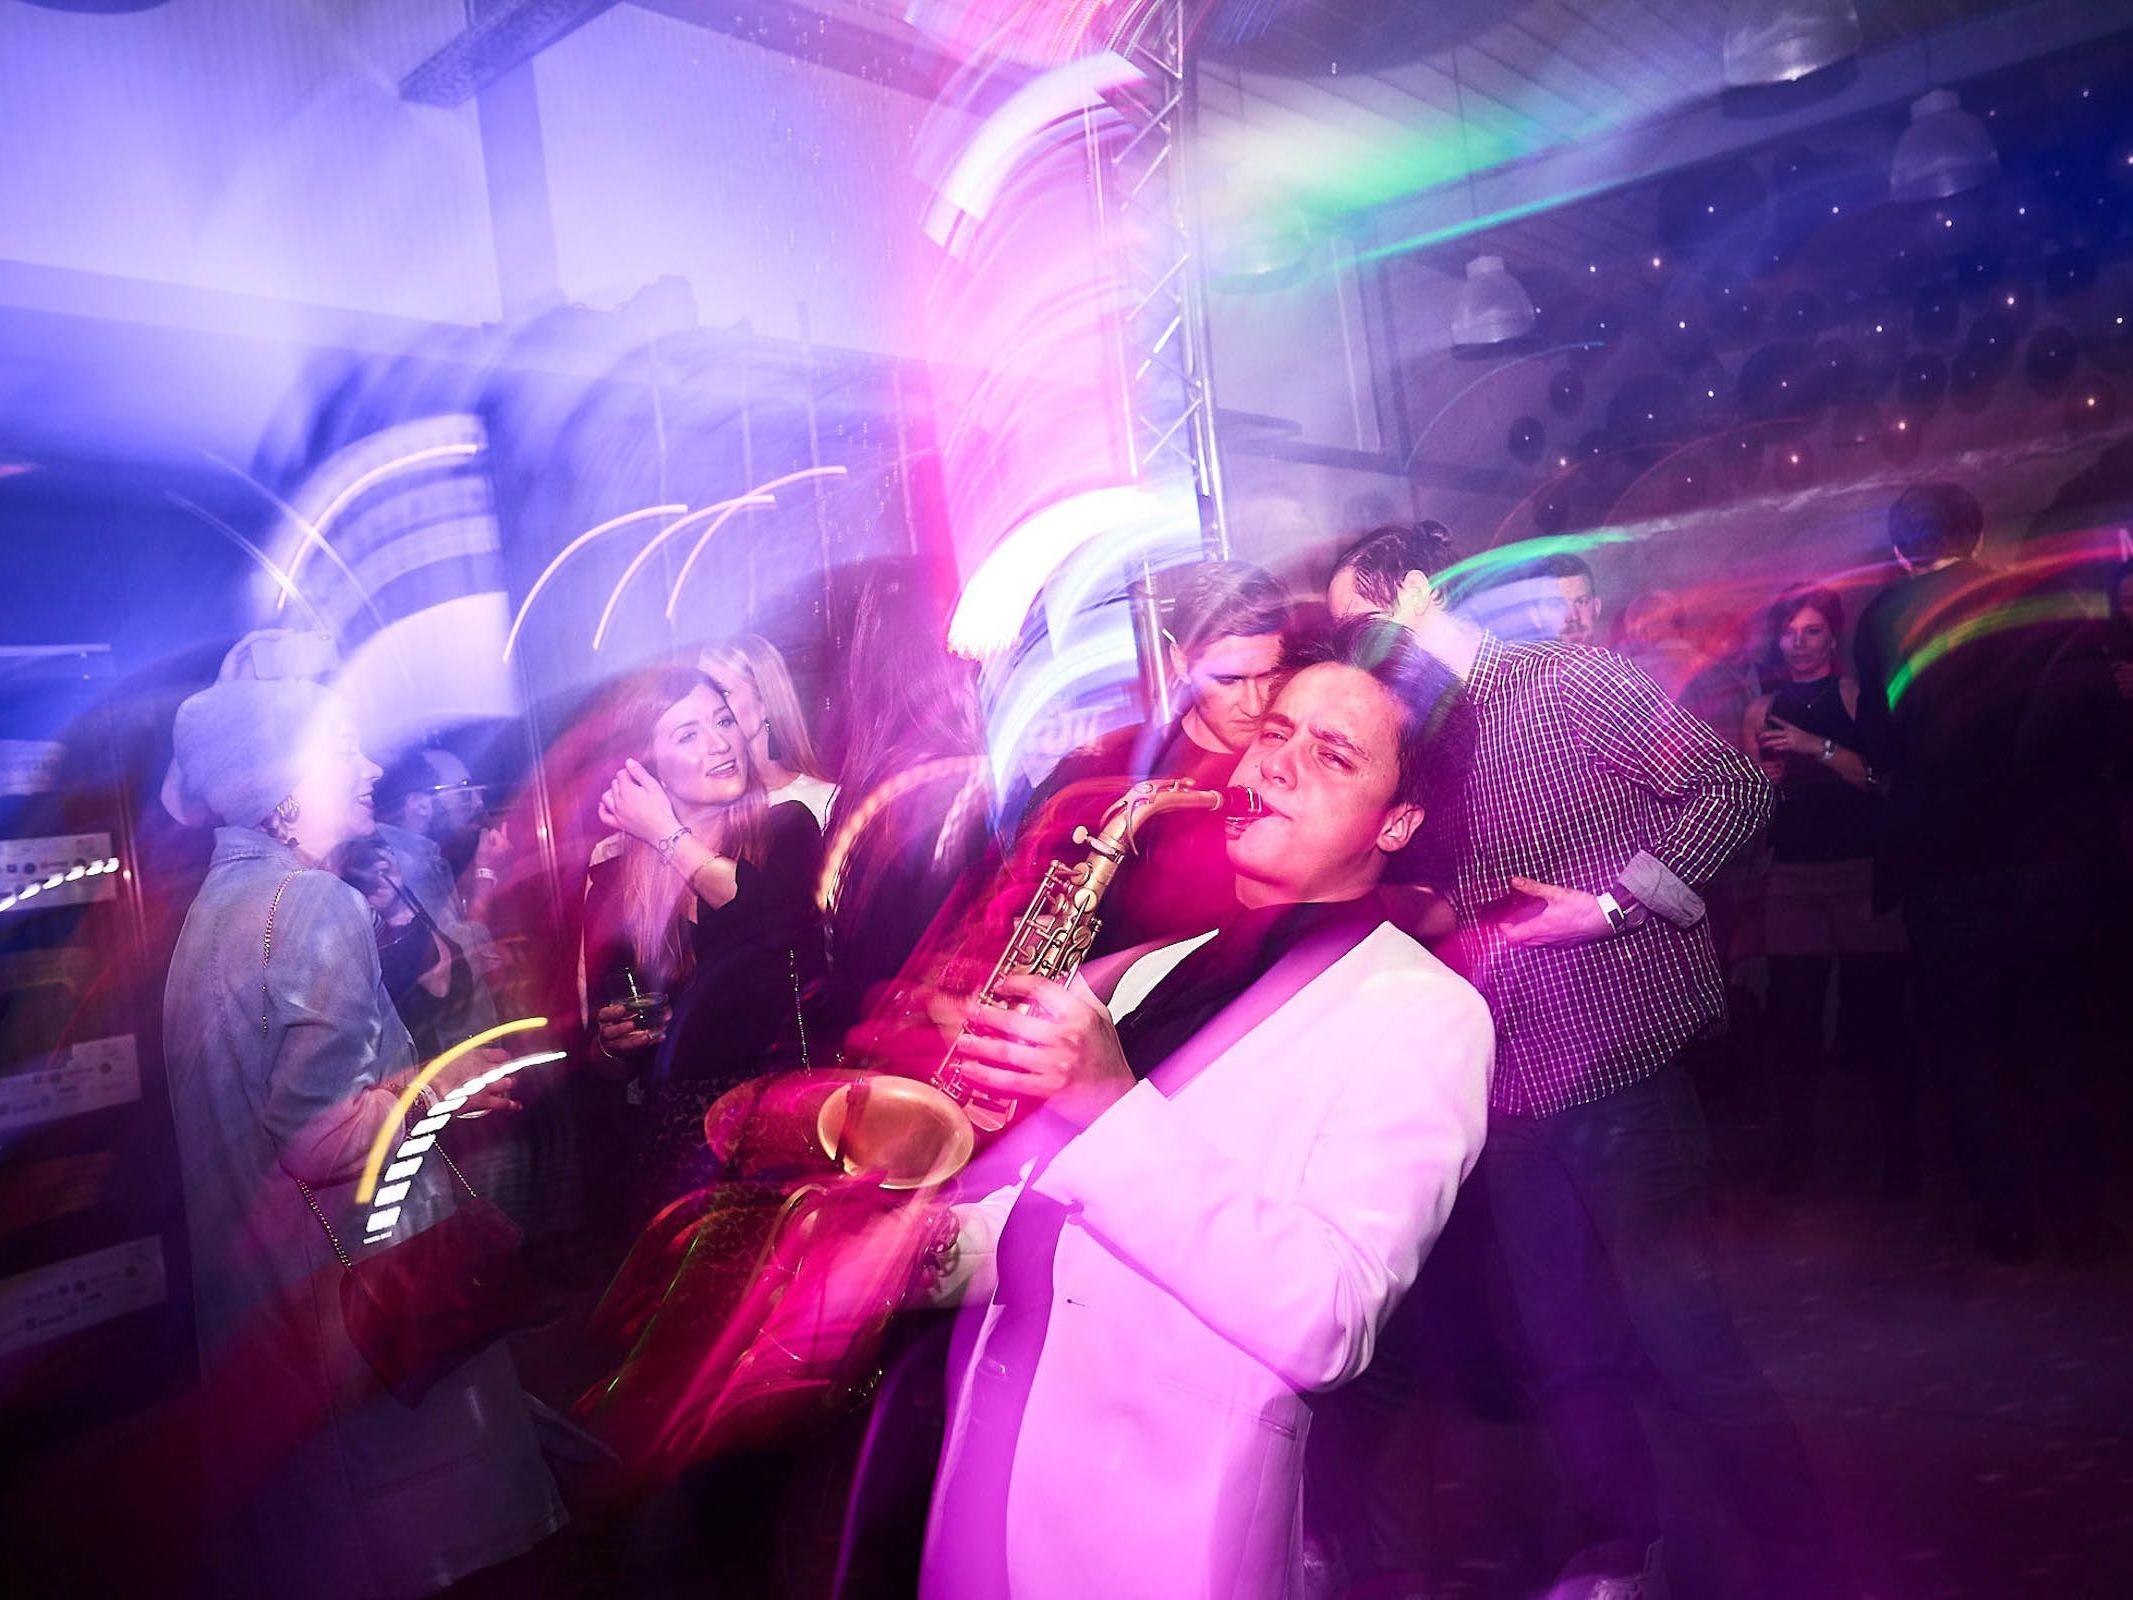 Saxophonist | Hochzeit | Saxophon | Hannover | Hochzeit | Buchen | Empfang | Trauung | Party | Buchen | Livemusik | House | Electro | Pop | Party | Event | Empfang | Messe | Firmenfeier | Mieten | Anfragen | Lehmann | Eventservice